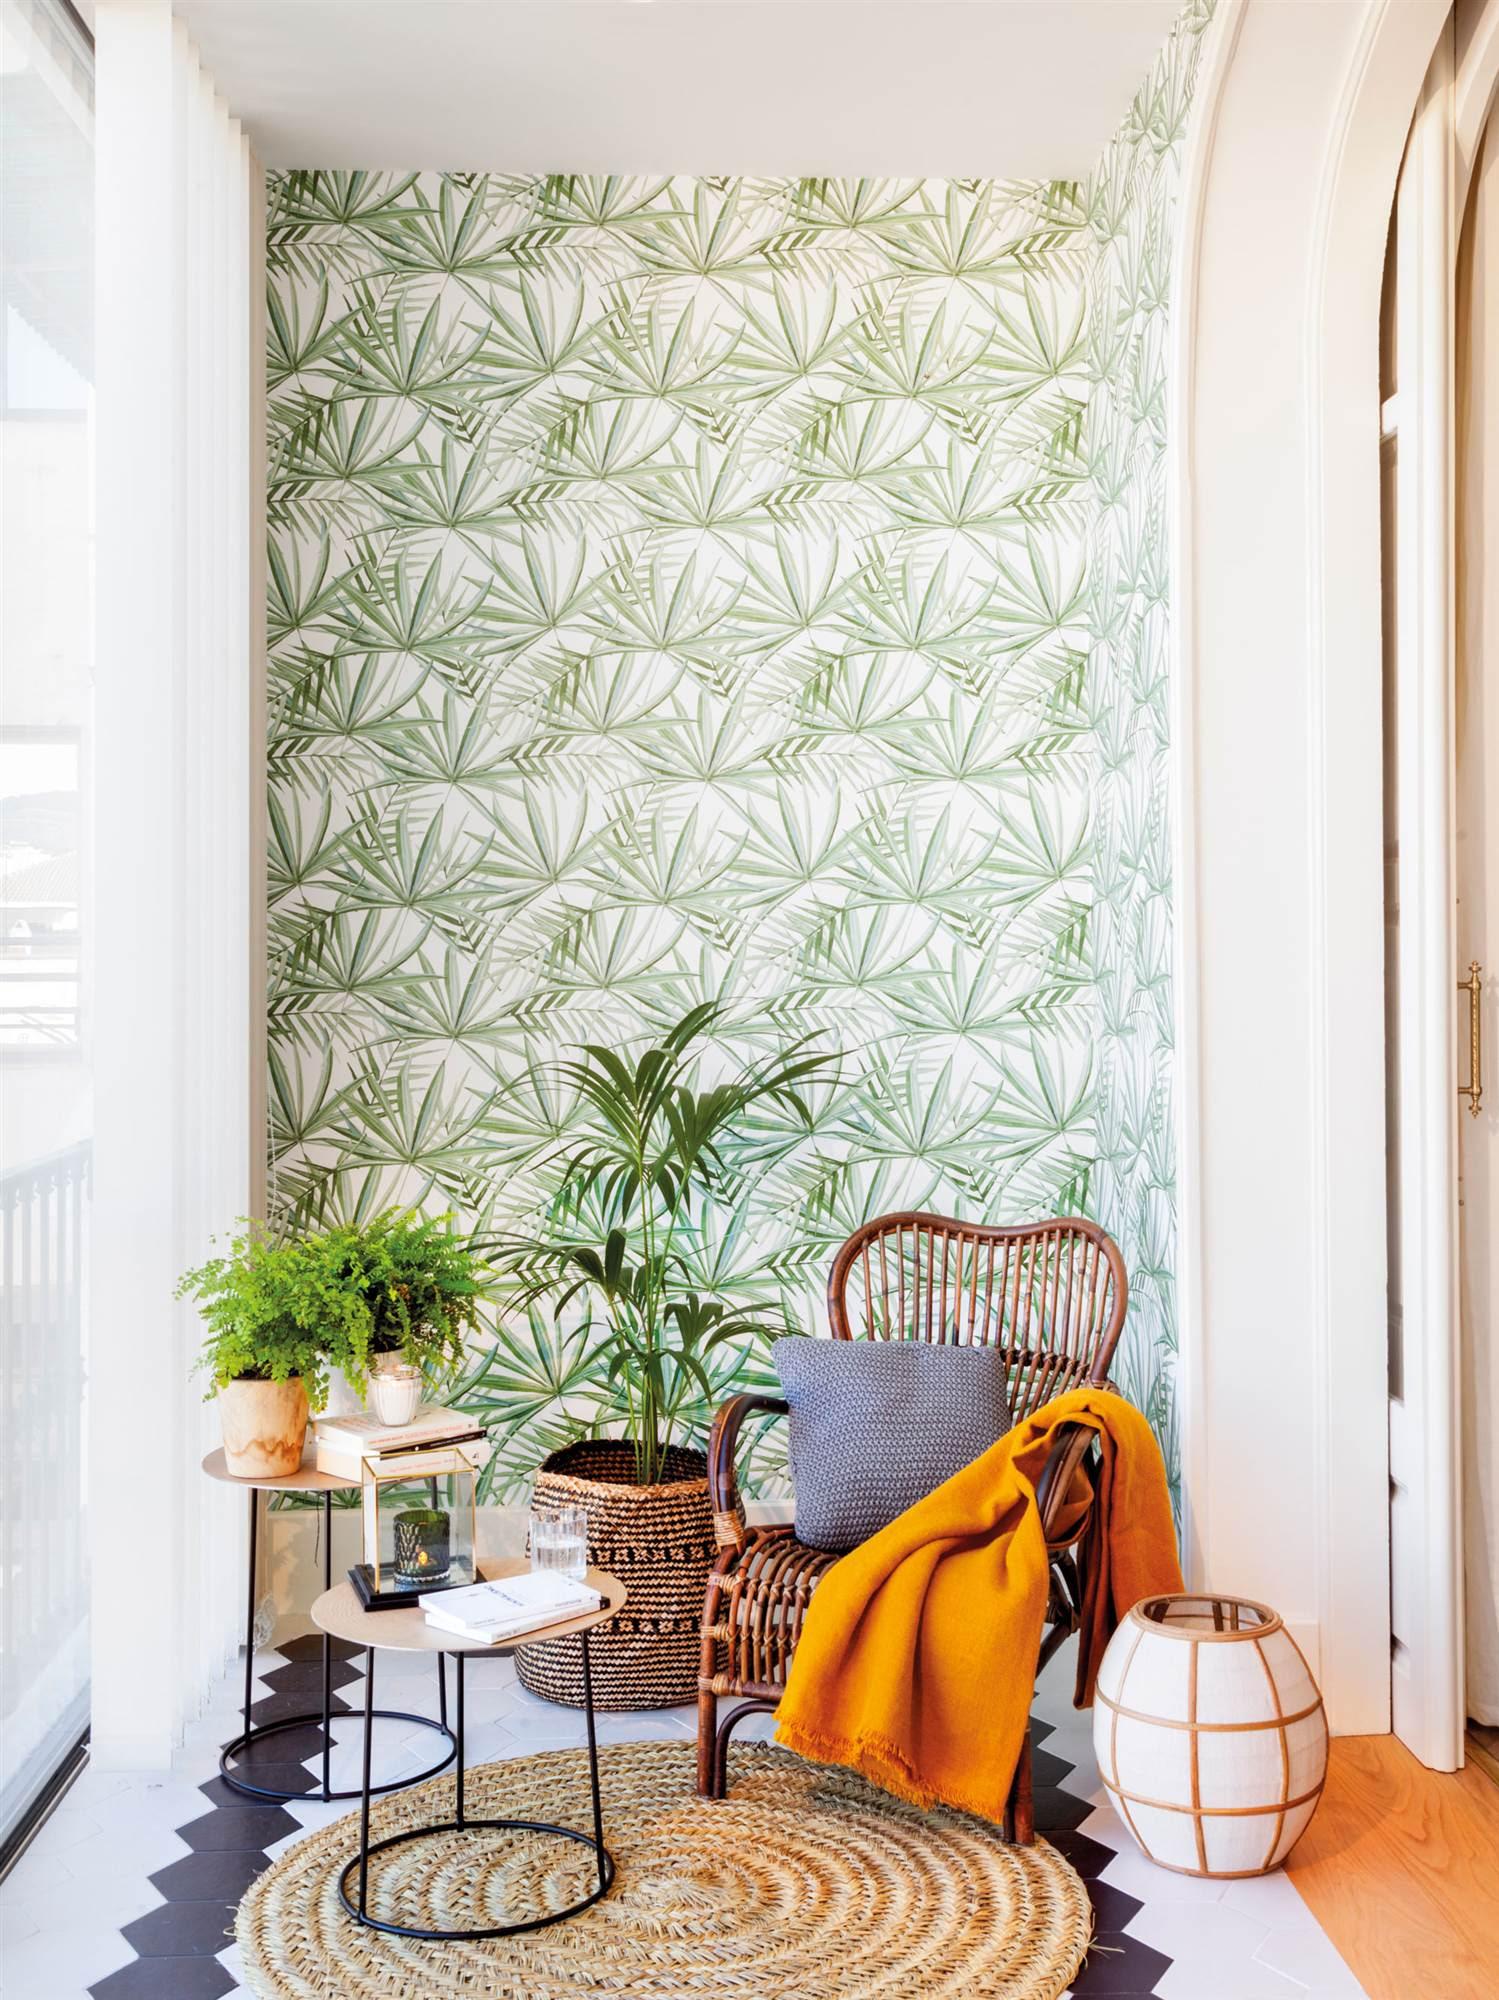 00471820. galería con plantas y papel pintado con motivos vegetales verdes_00471820